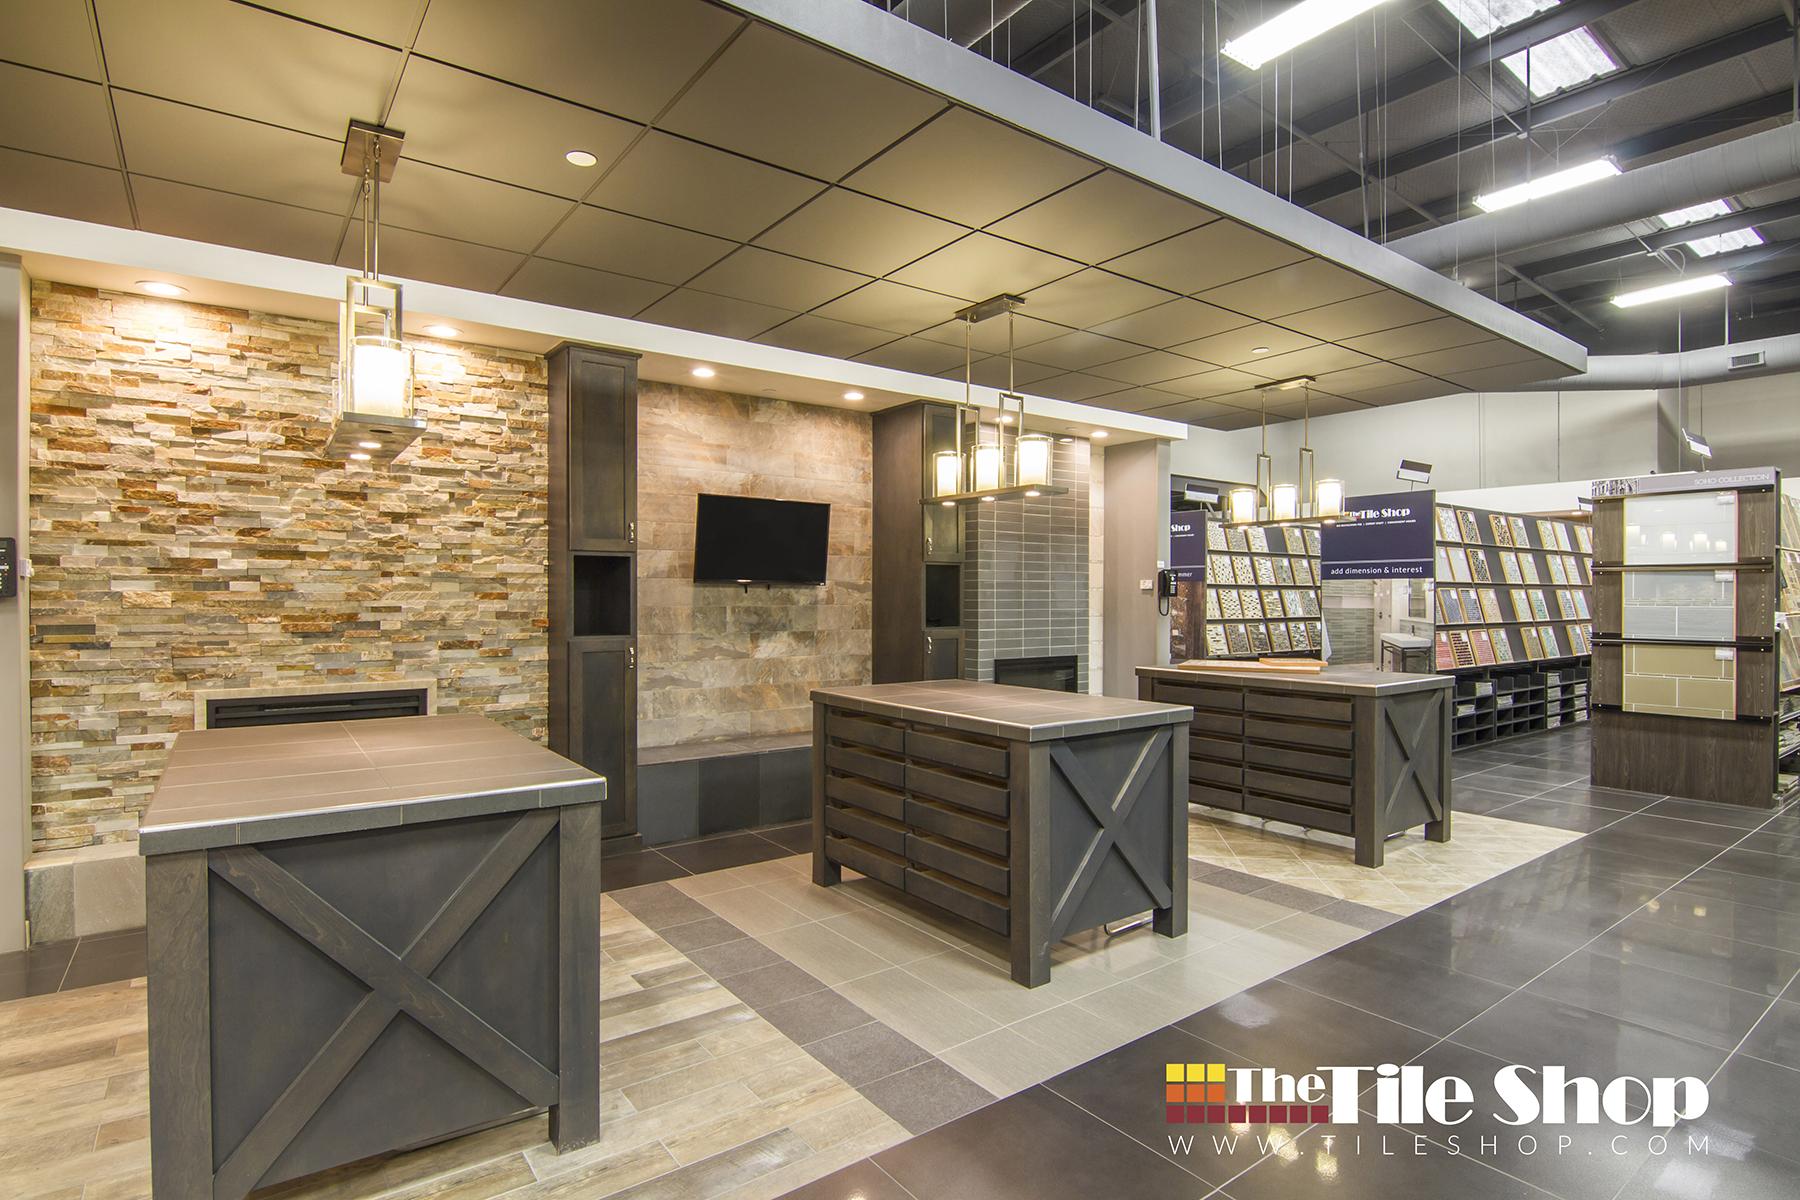 the tile shop 1290 worcester st natick ma 01760 yp com